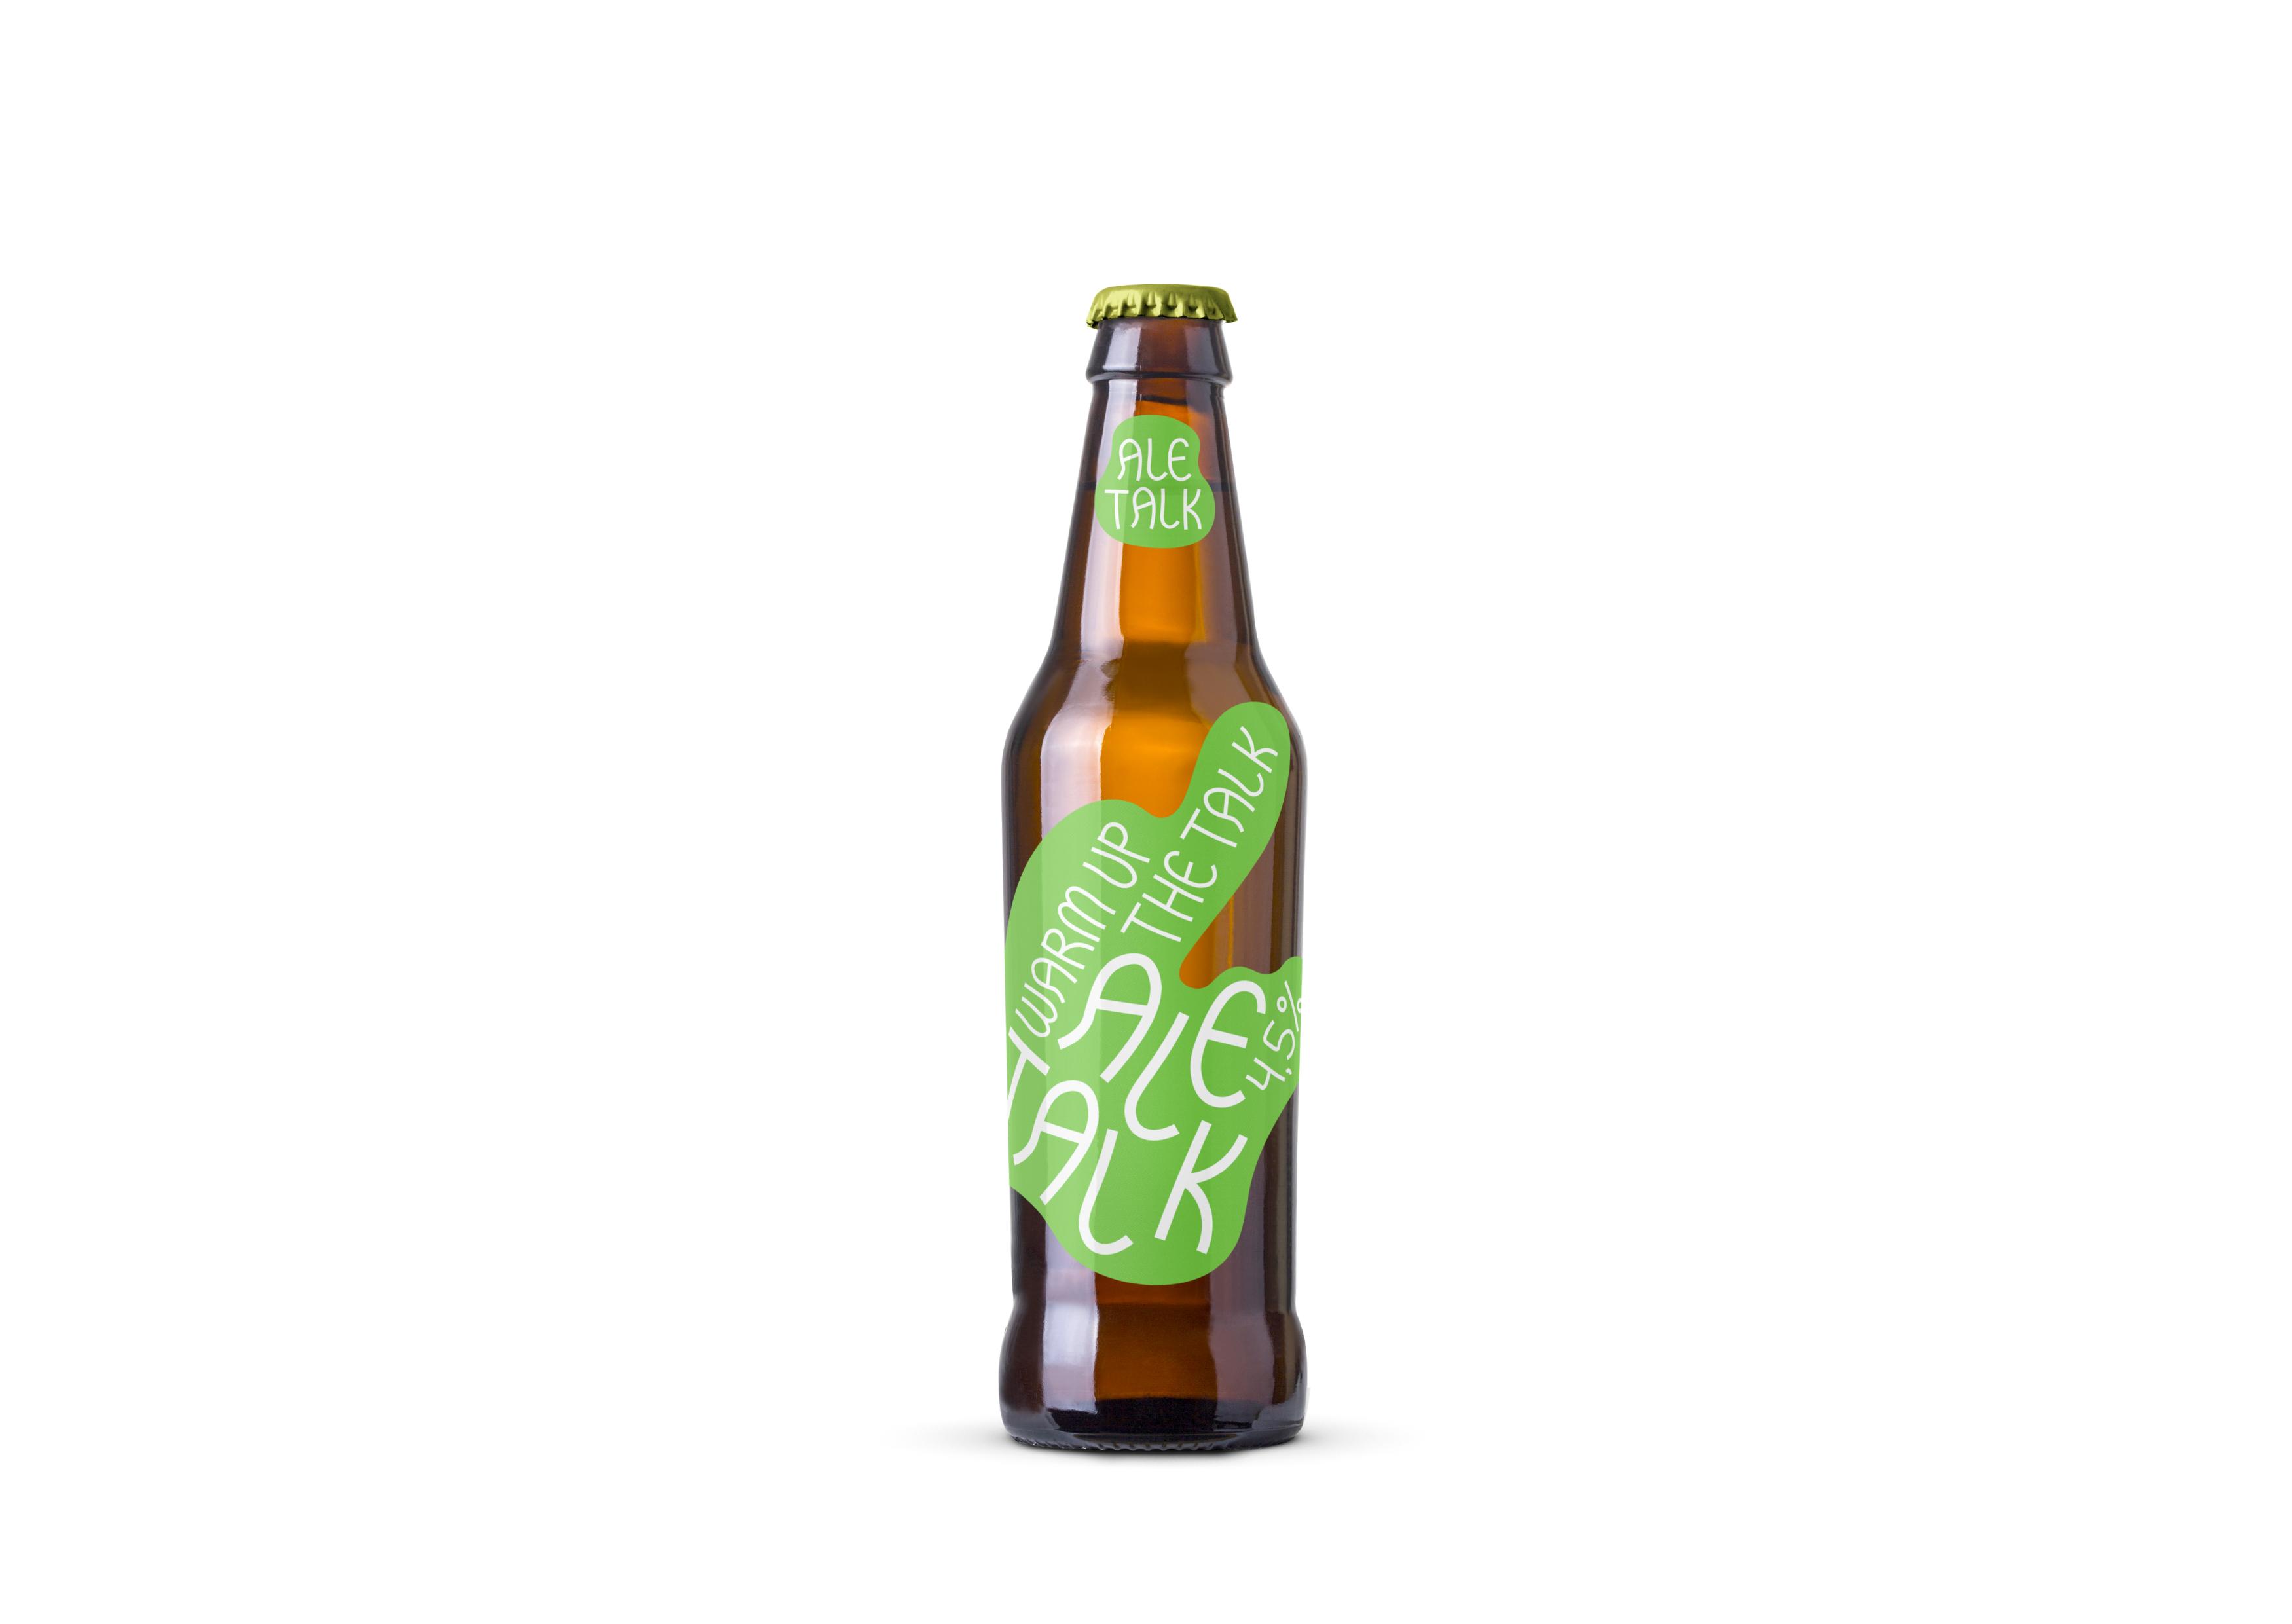 Ale Talk Beer Concept